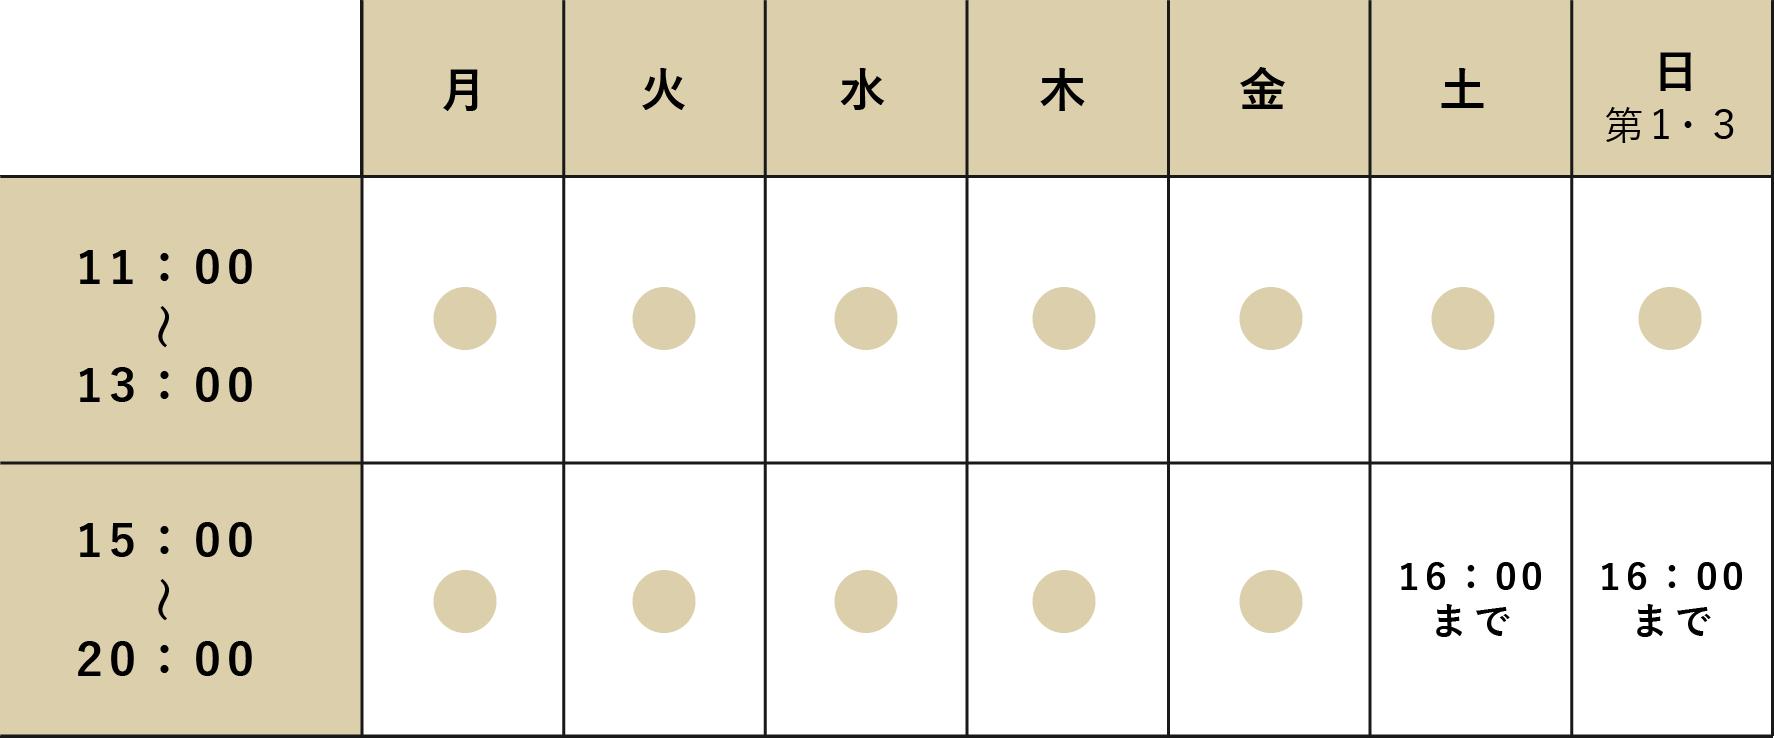 東京ビアンコ歯科 渋谷院 診療時間